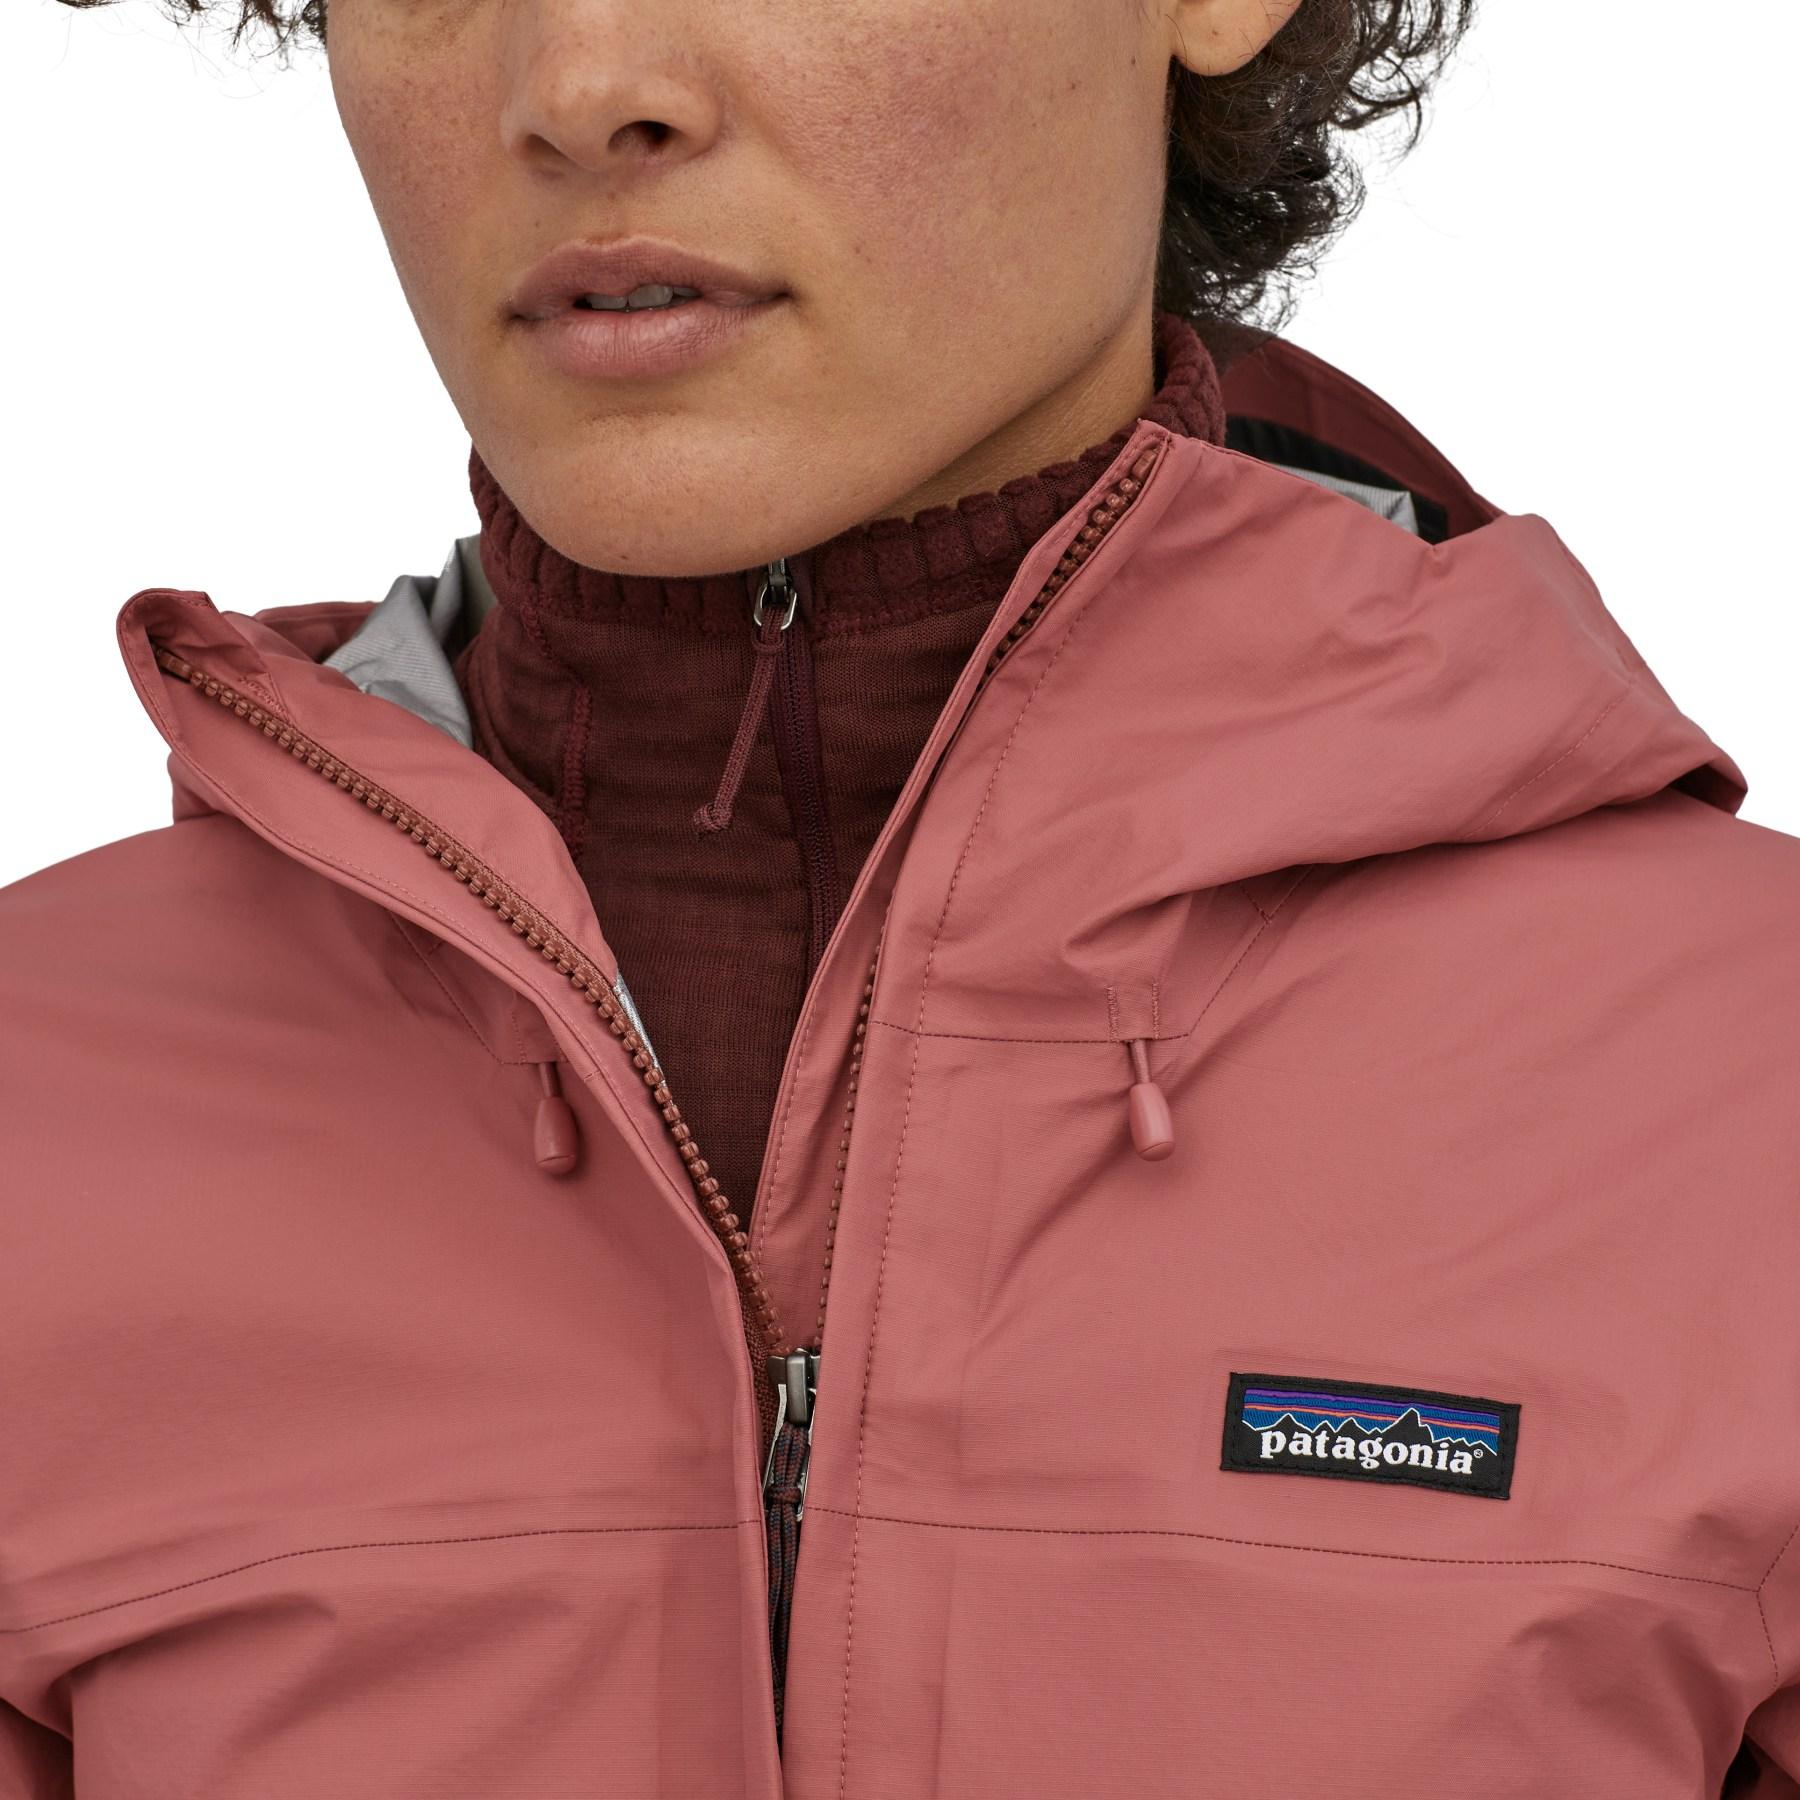 Bild von Patagonia Torrentshell 3L Damen Jacke - Regen Green